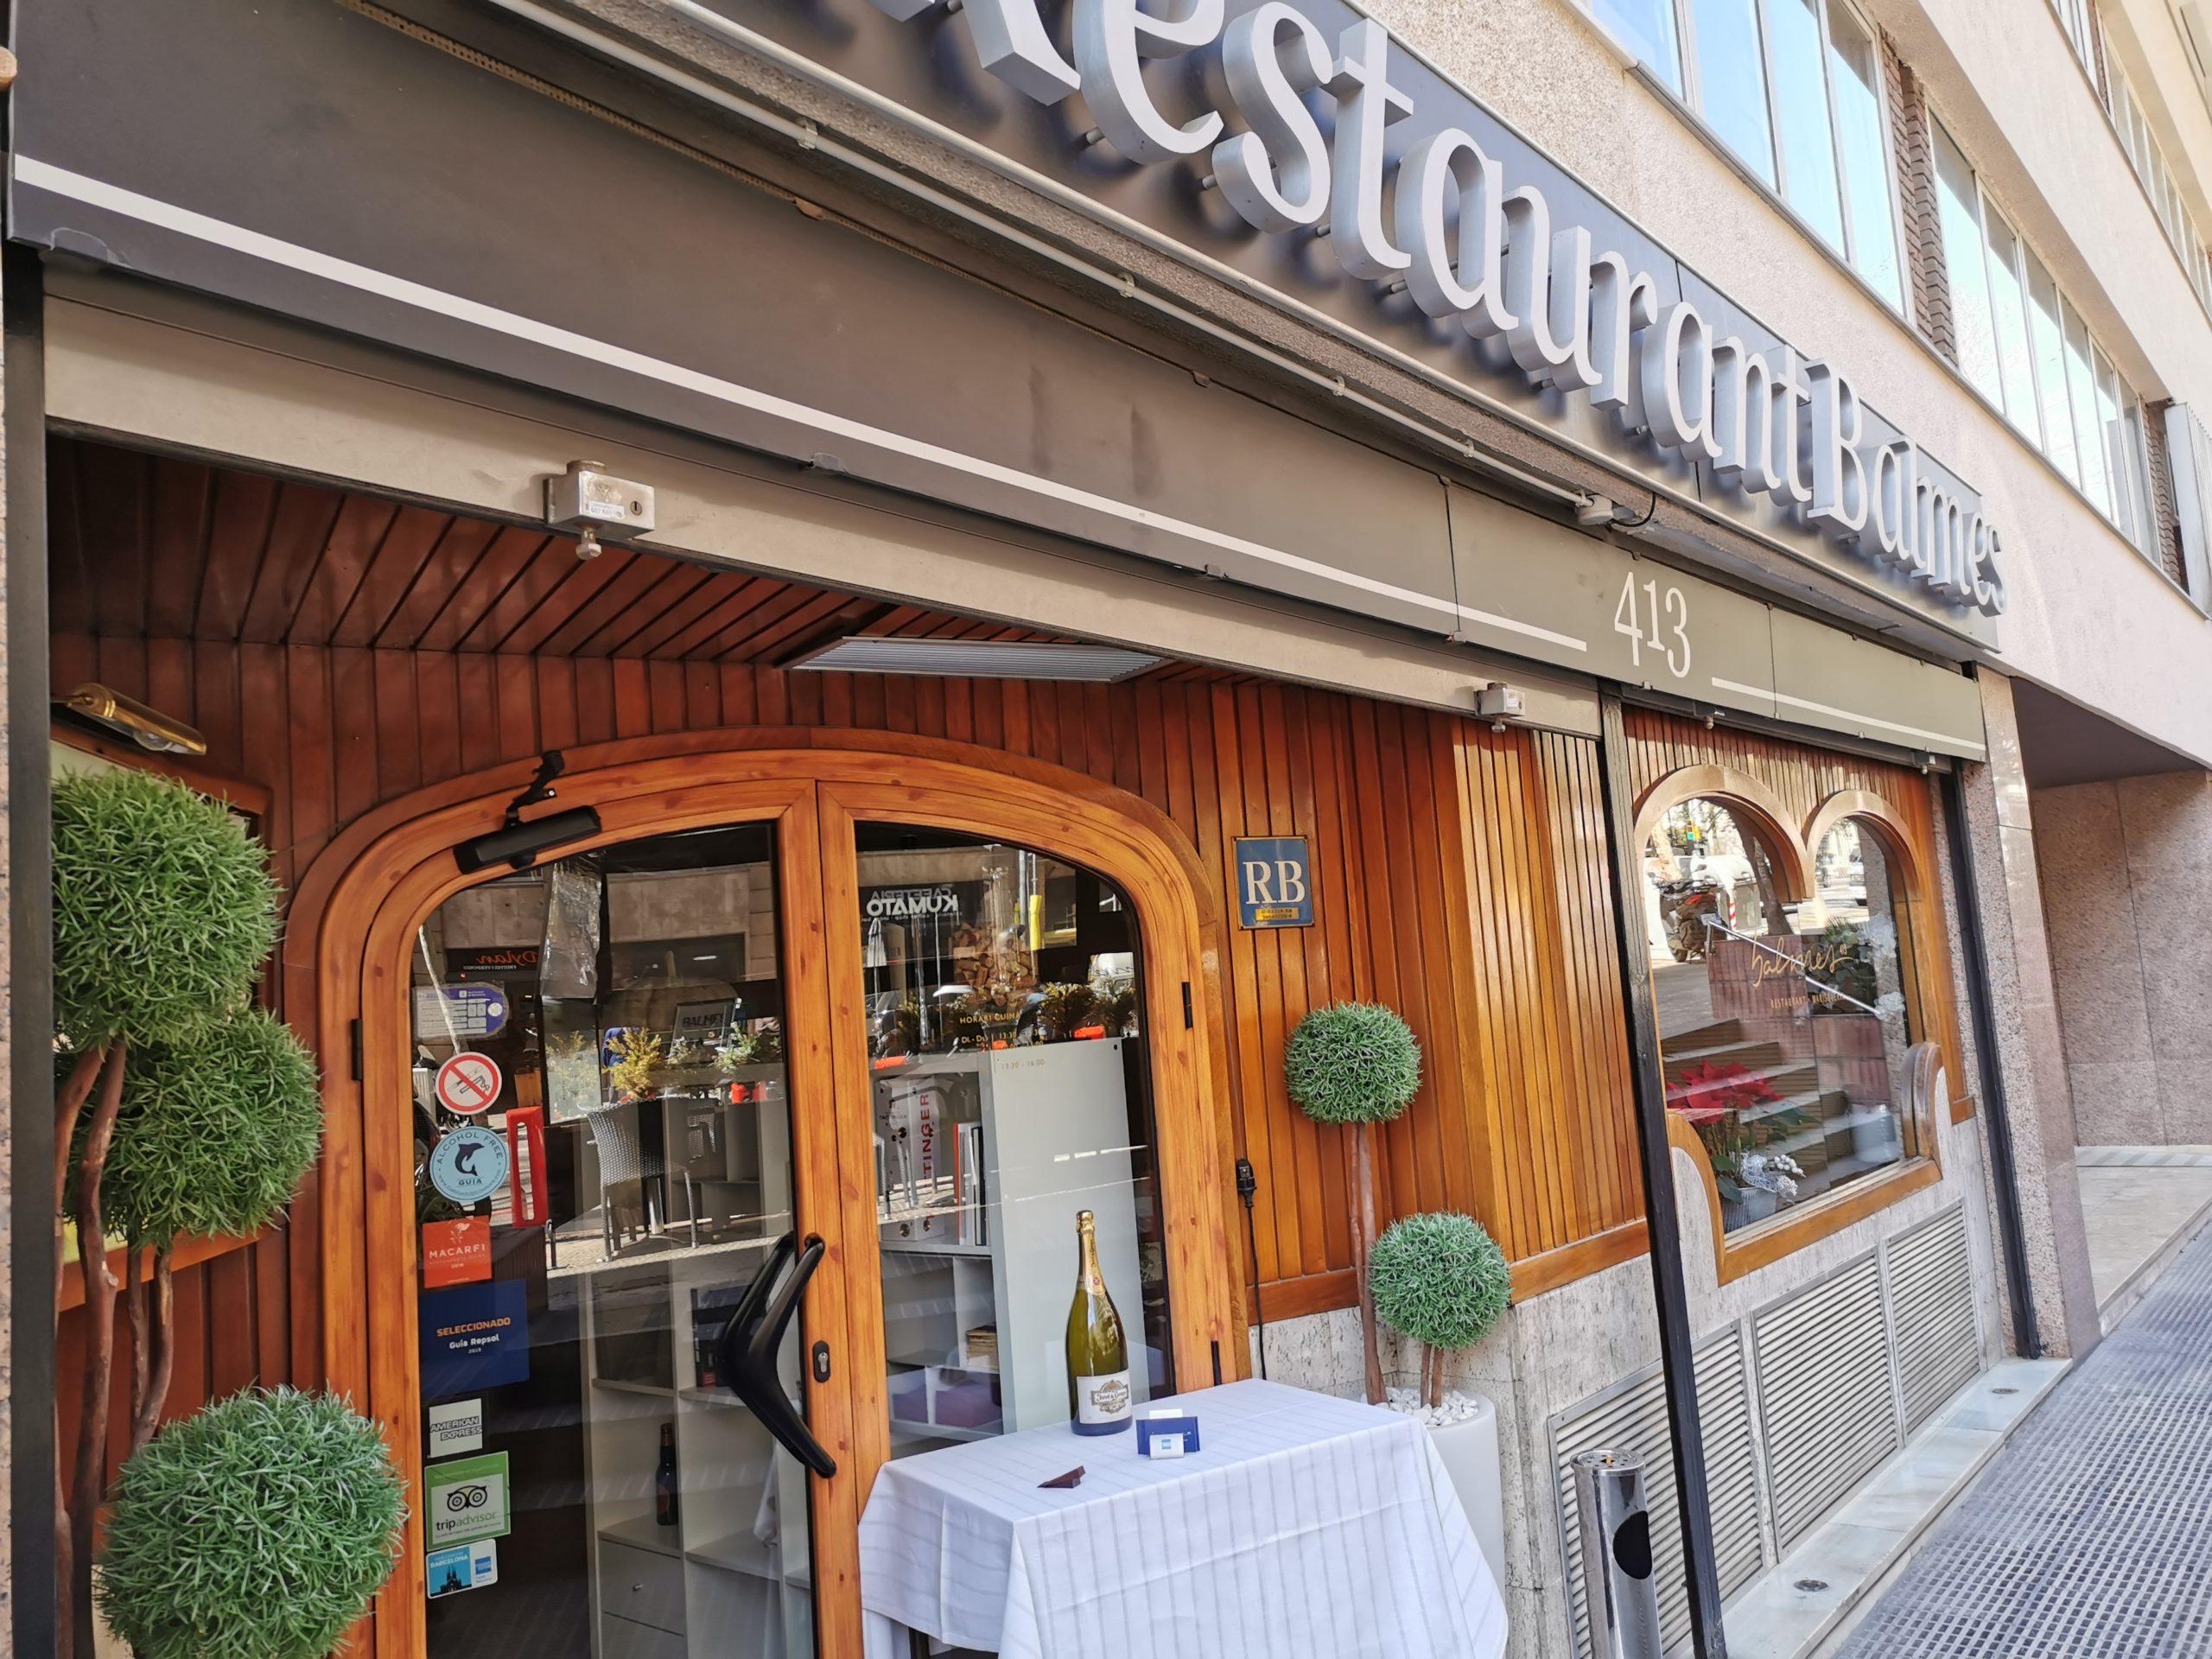 exterior del restaurante marisquería balmes 413 con la pegatina de The Blue Dolphin Store en la puerta